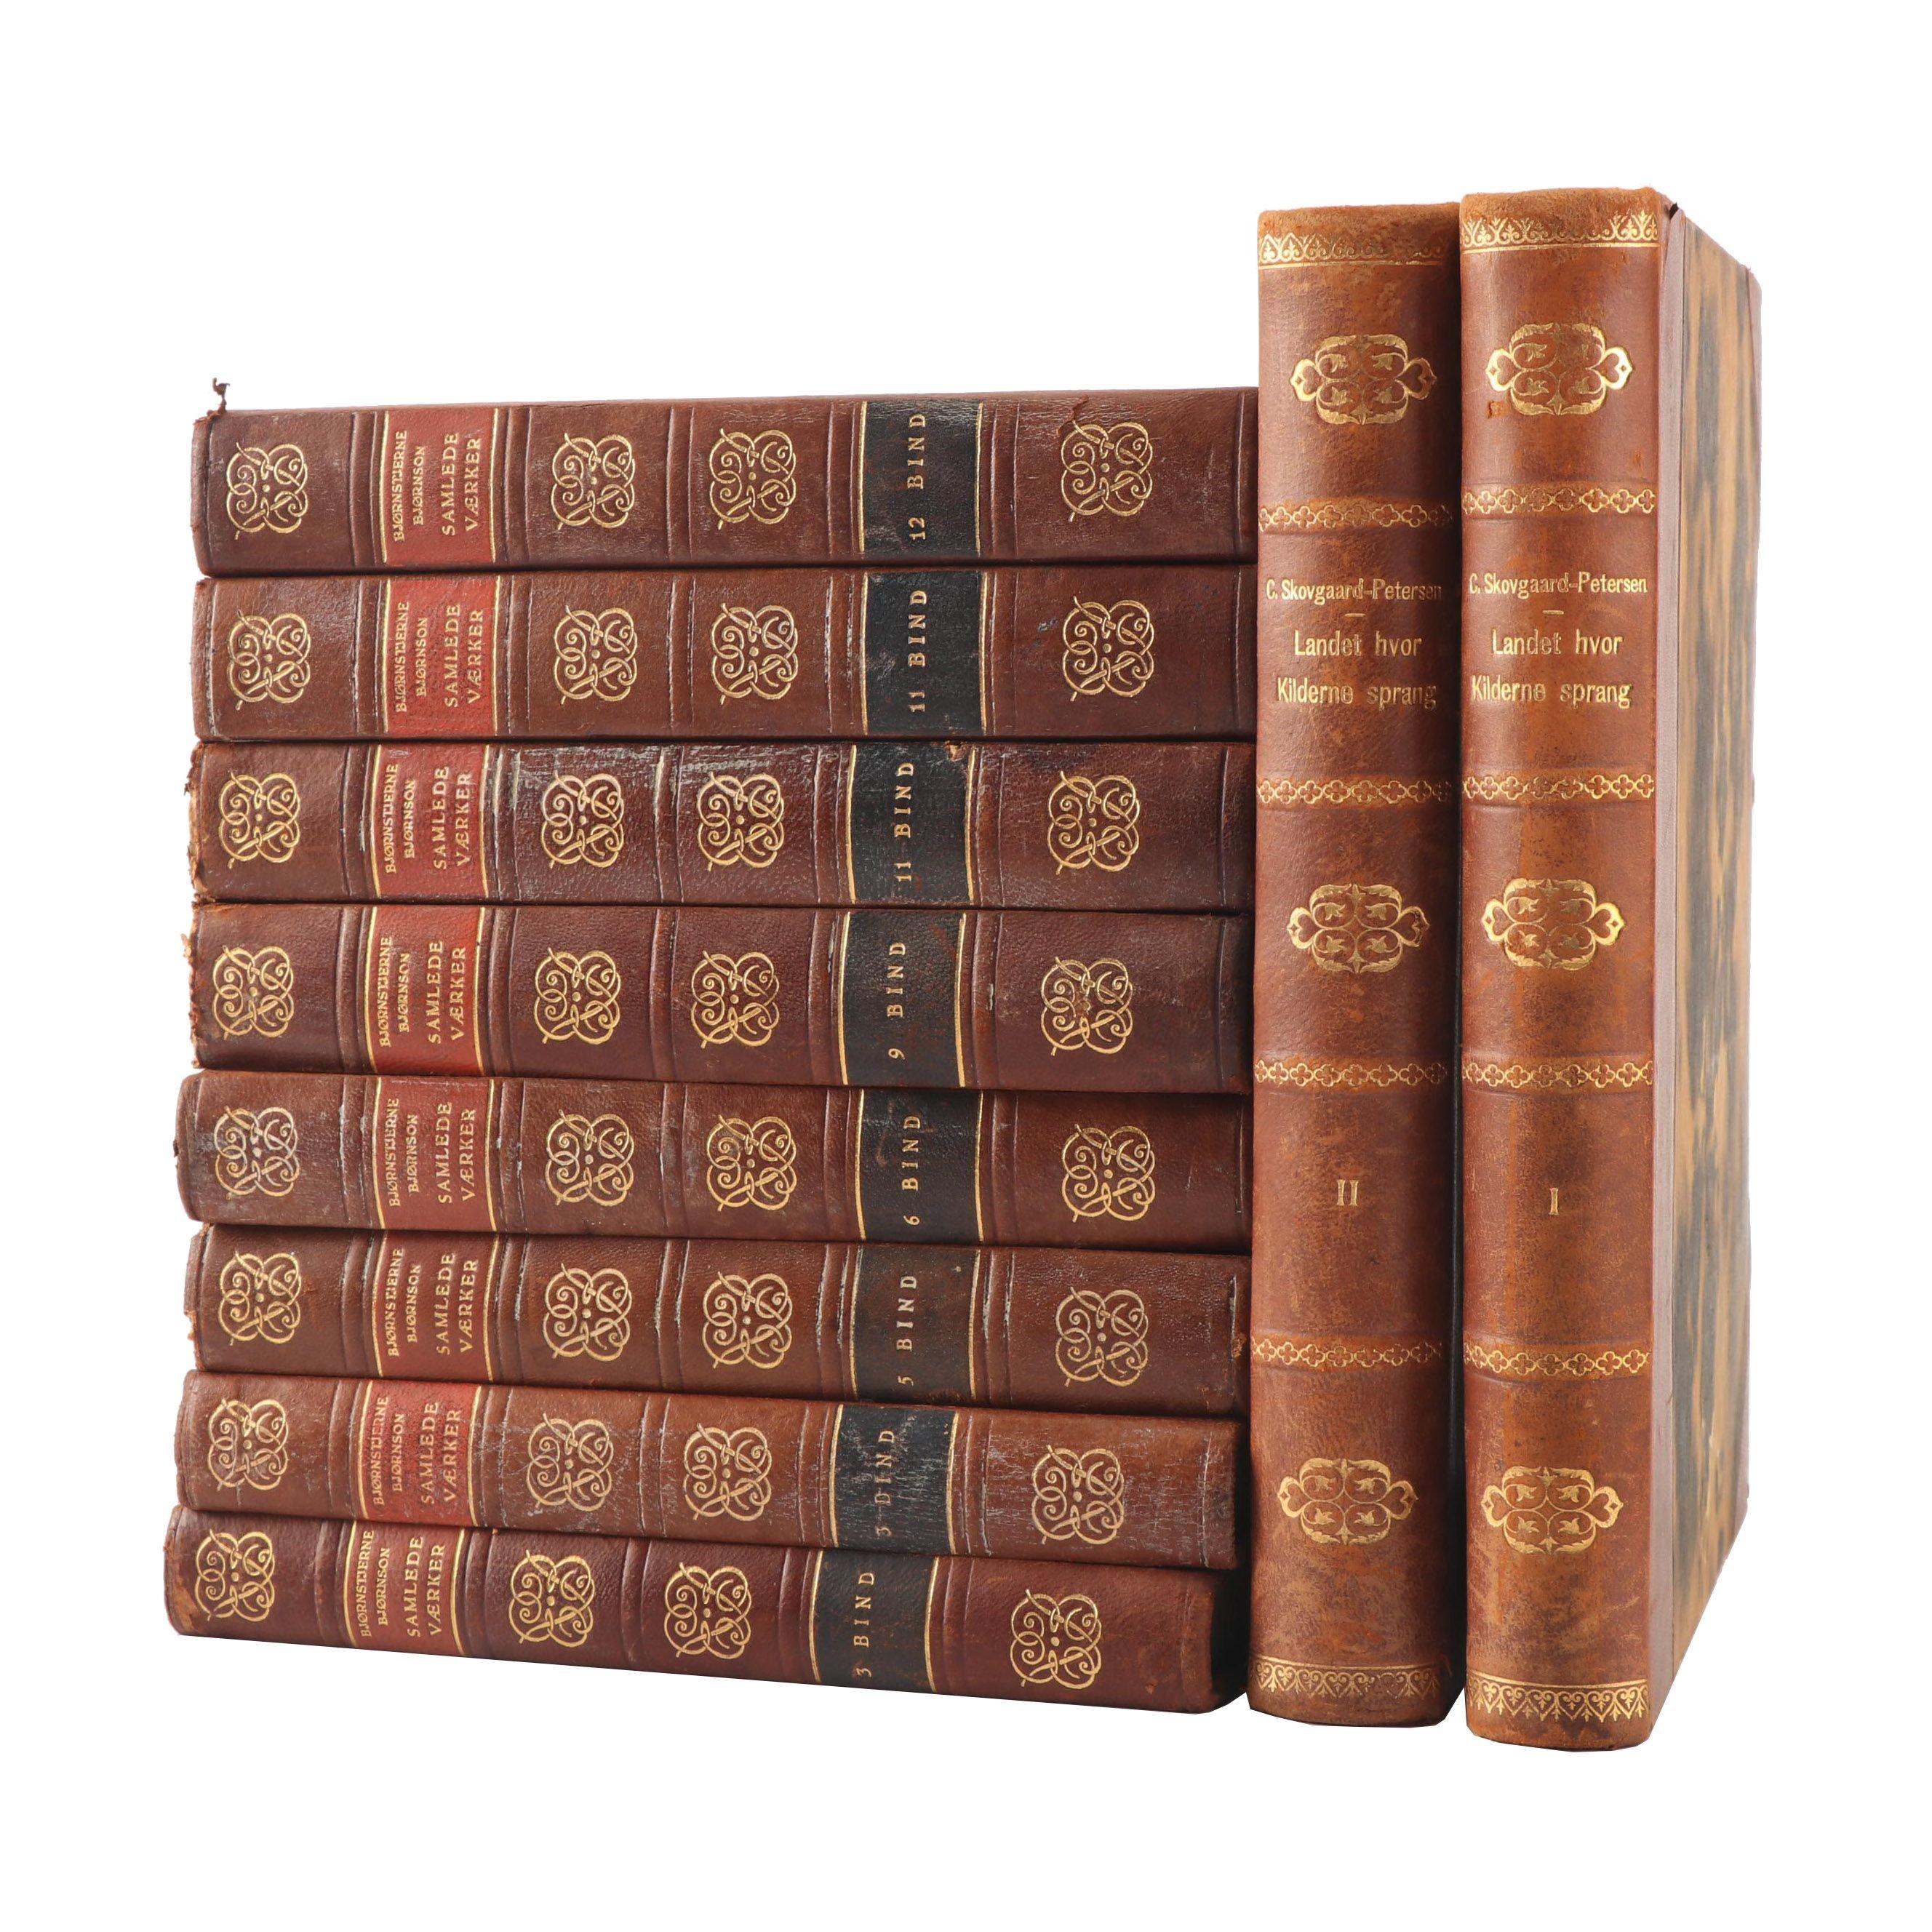 """1930s """"Bjørnstjerne Bjørnson Samlede Værker"""" and Other Books"""